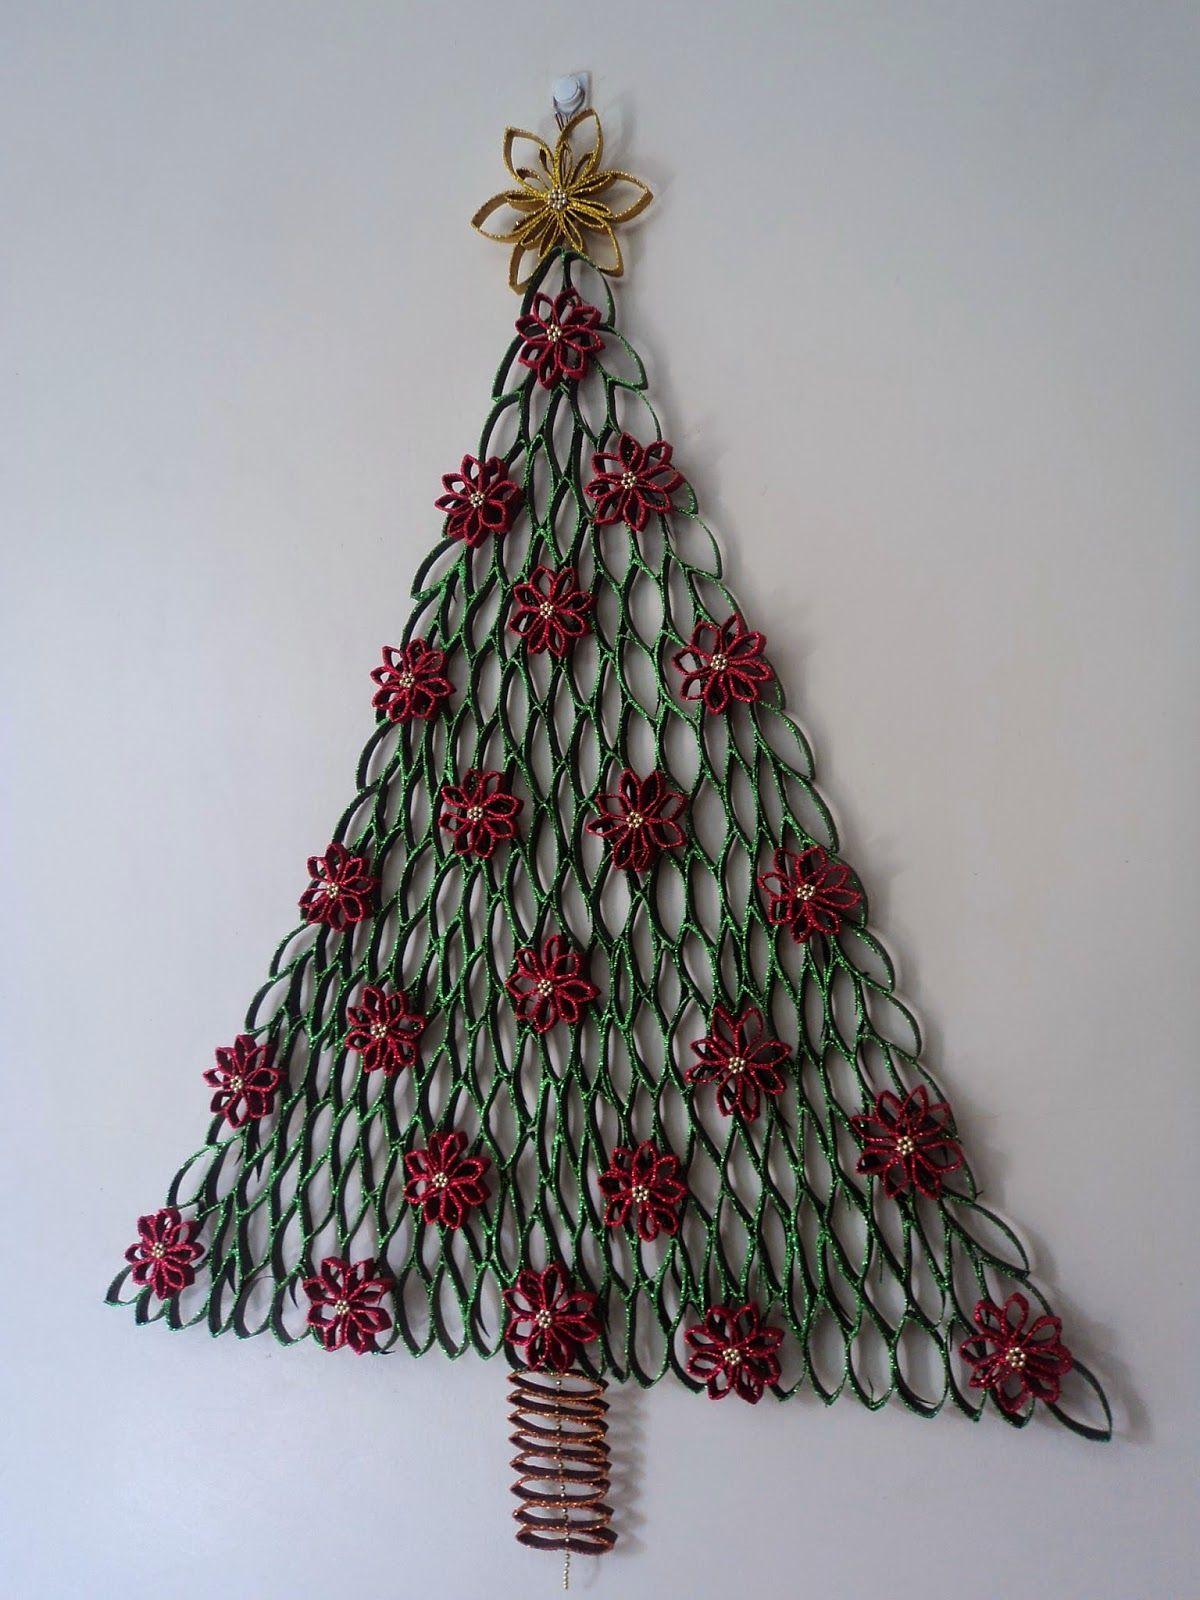 manualidades para navidad con rollos de papel higienico Buscar con